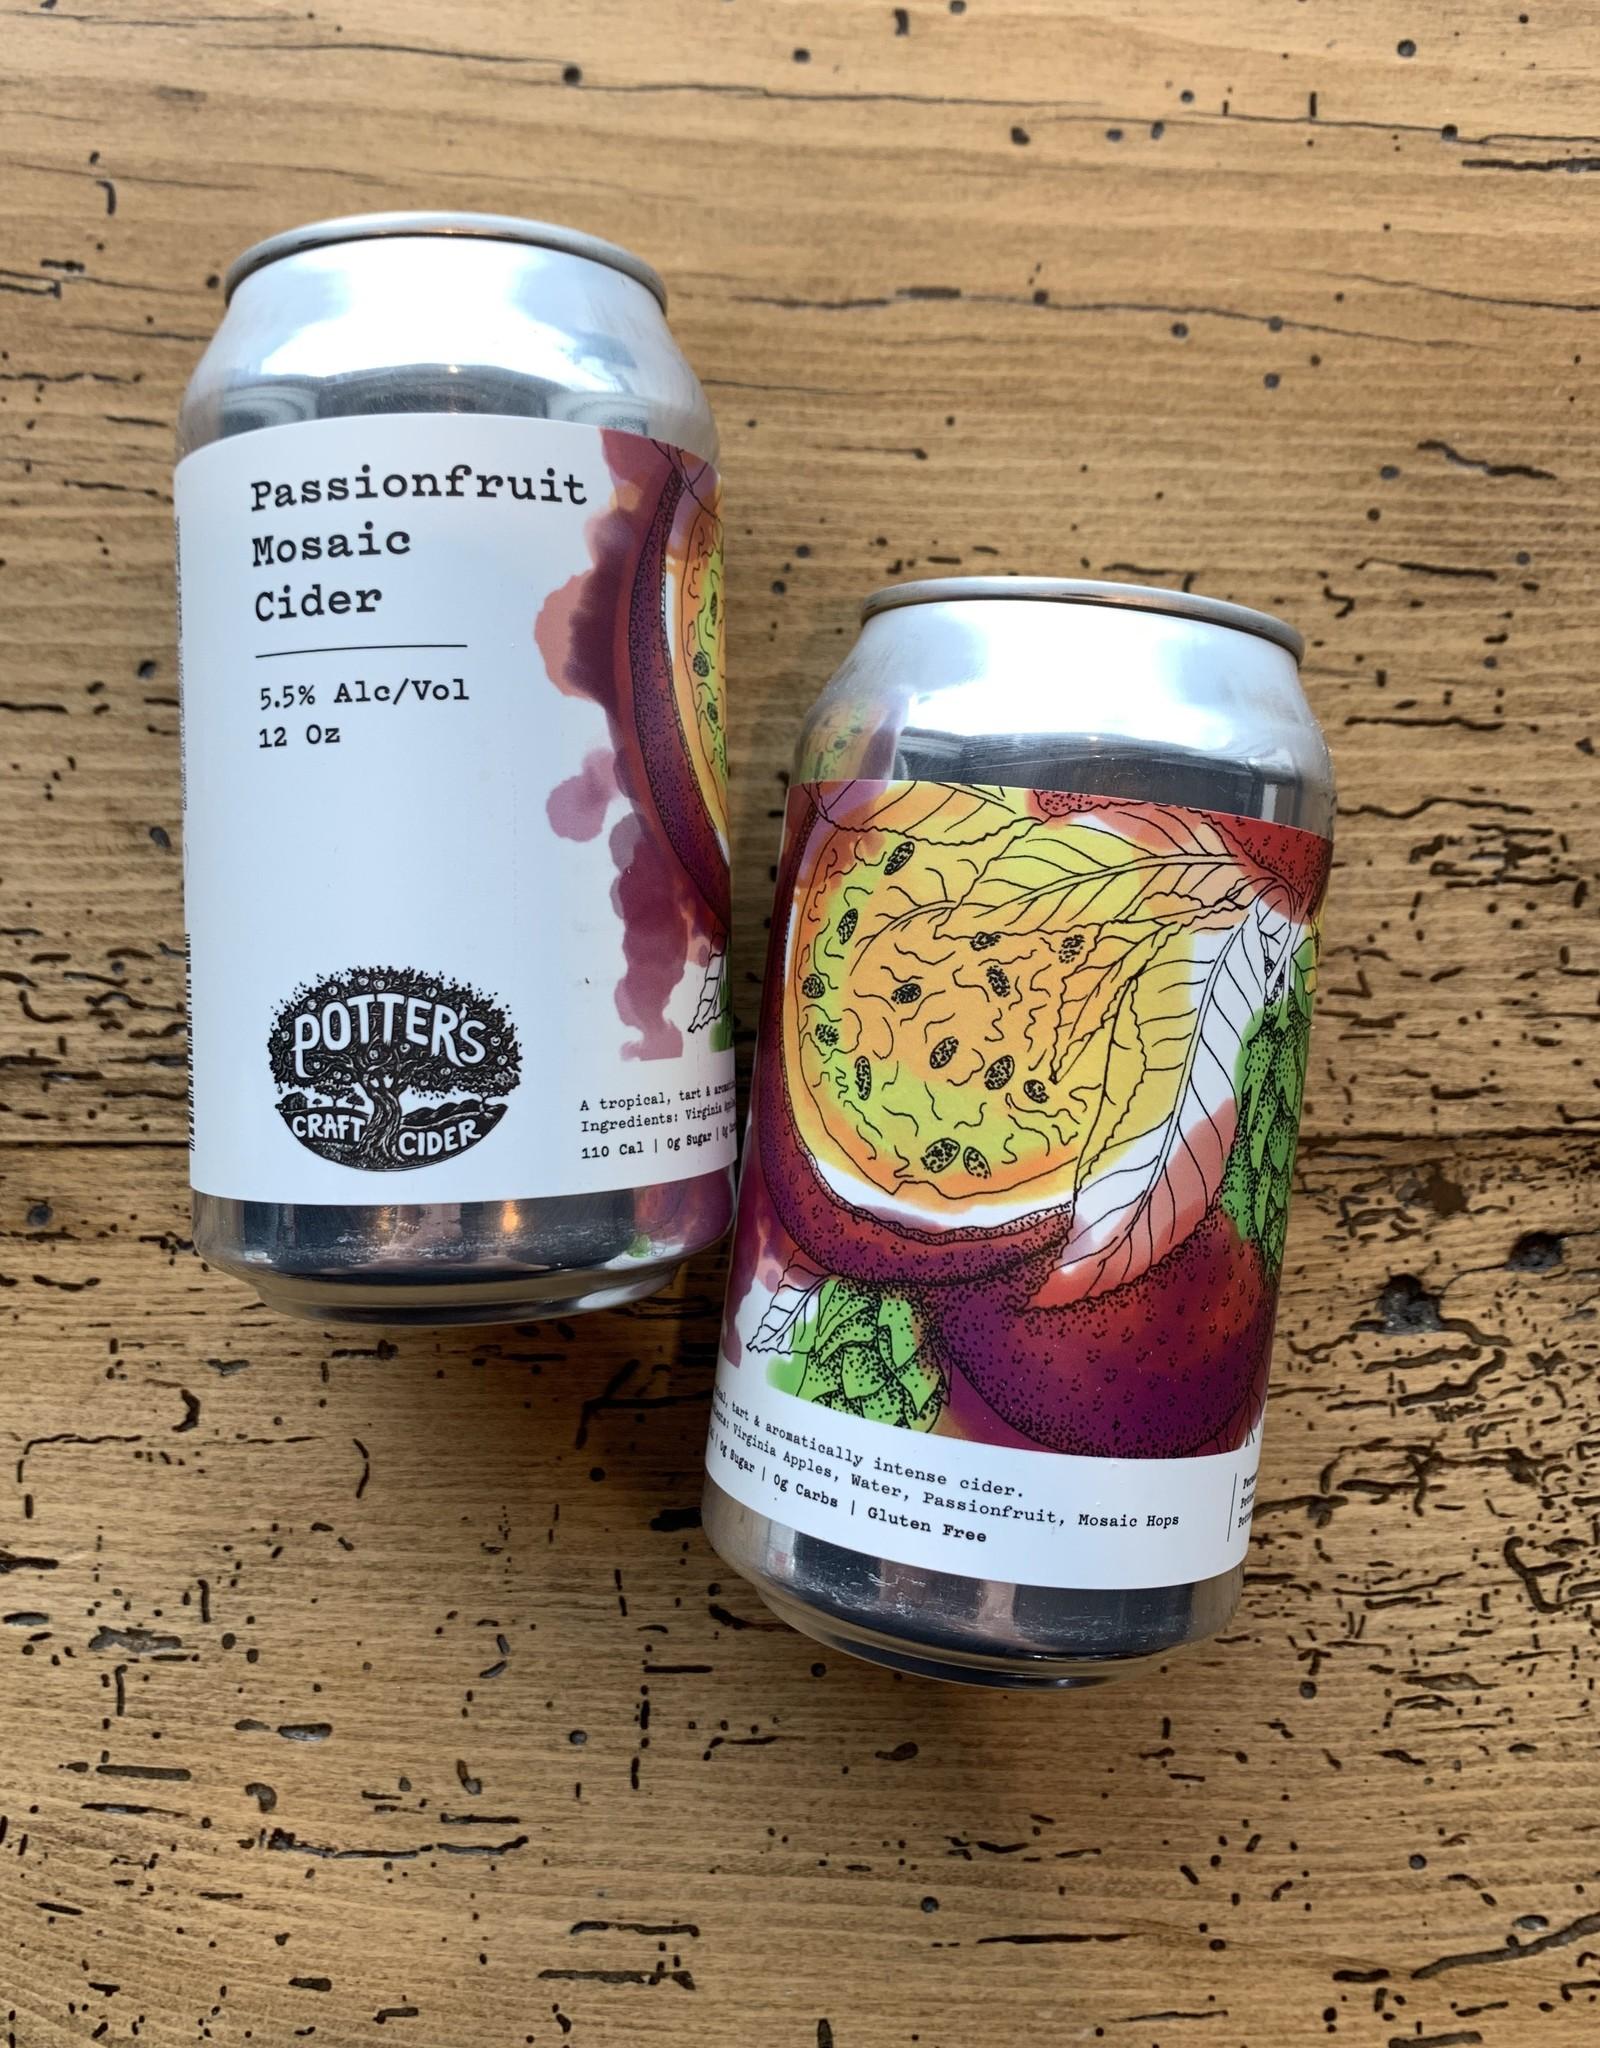 Potters Passionfruit Mosaic Cider 4pk